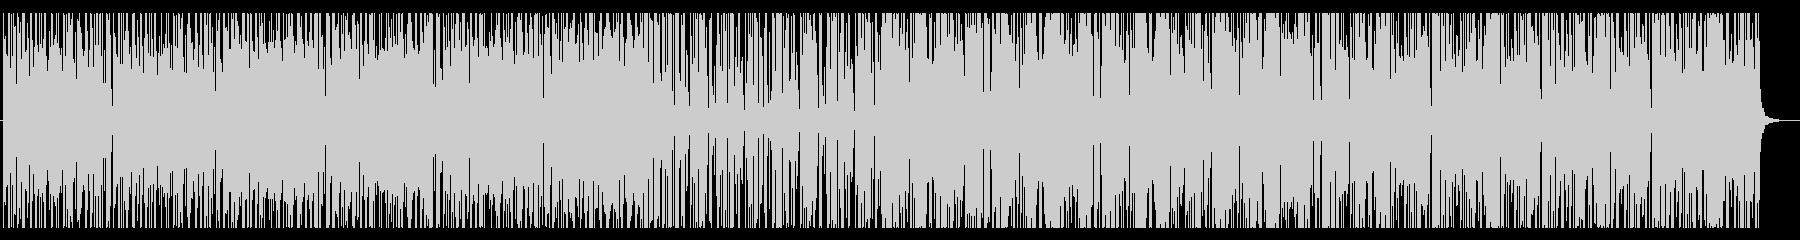 スペインをイメージしたマリアッチ風BGMの未再生の波形